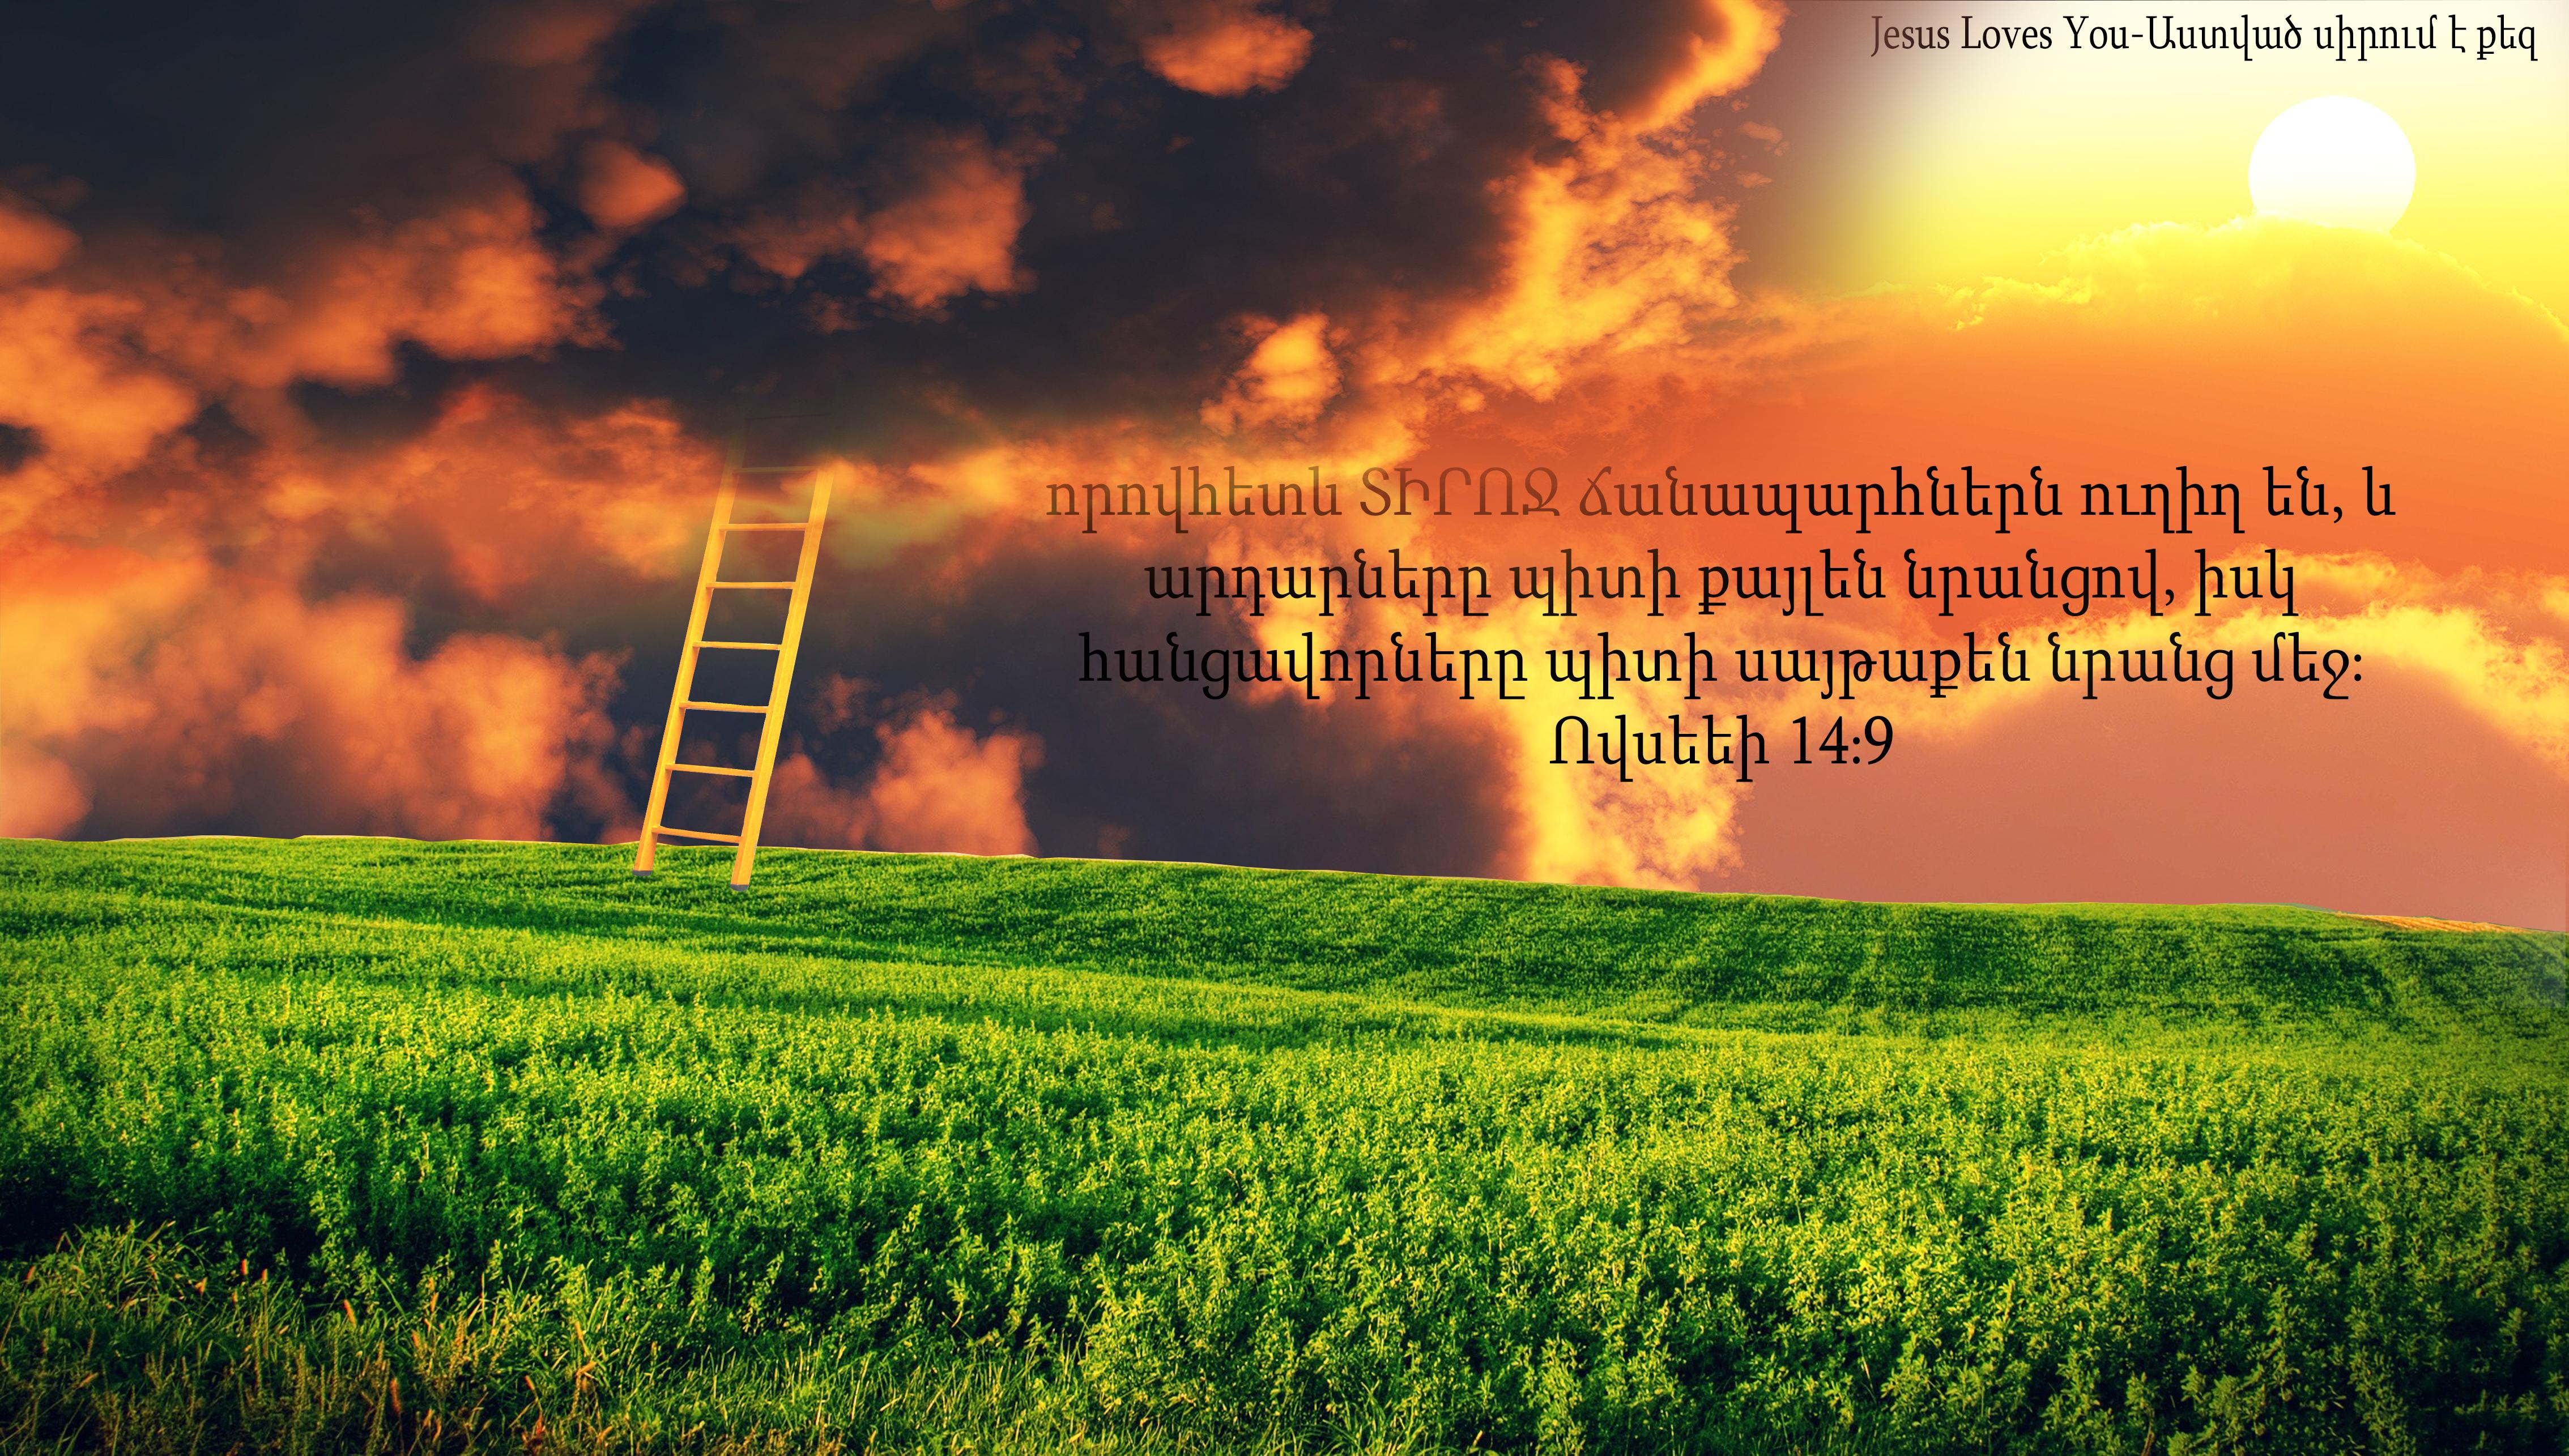 Վիդեո - http://www.youtube.com/watch?v=YRXUnjBq3Qg&feature=youtu.be որովհետև ՏԻՐՈՋ ճանապարհներն ուղիղ են, և արդարները պիտի քայլեն նրանցով, իսկ հանցավորները պիտի սայթաքեն նրանց մեջ։ Ովսեեի 14։9; Facebook - www.fb.com/Jesus.123.Love Odnoklassniki - www.ok.ru/Jesus.123.love